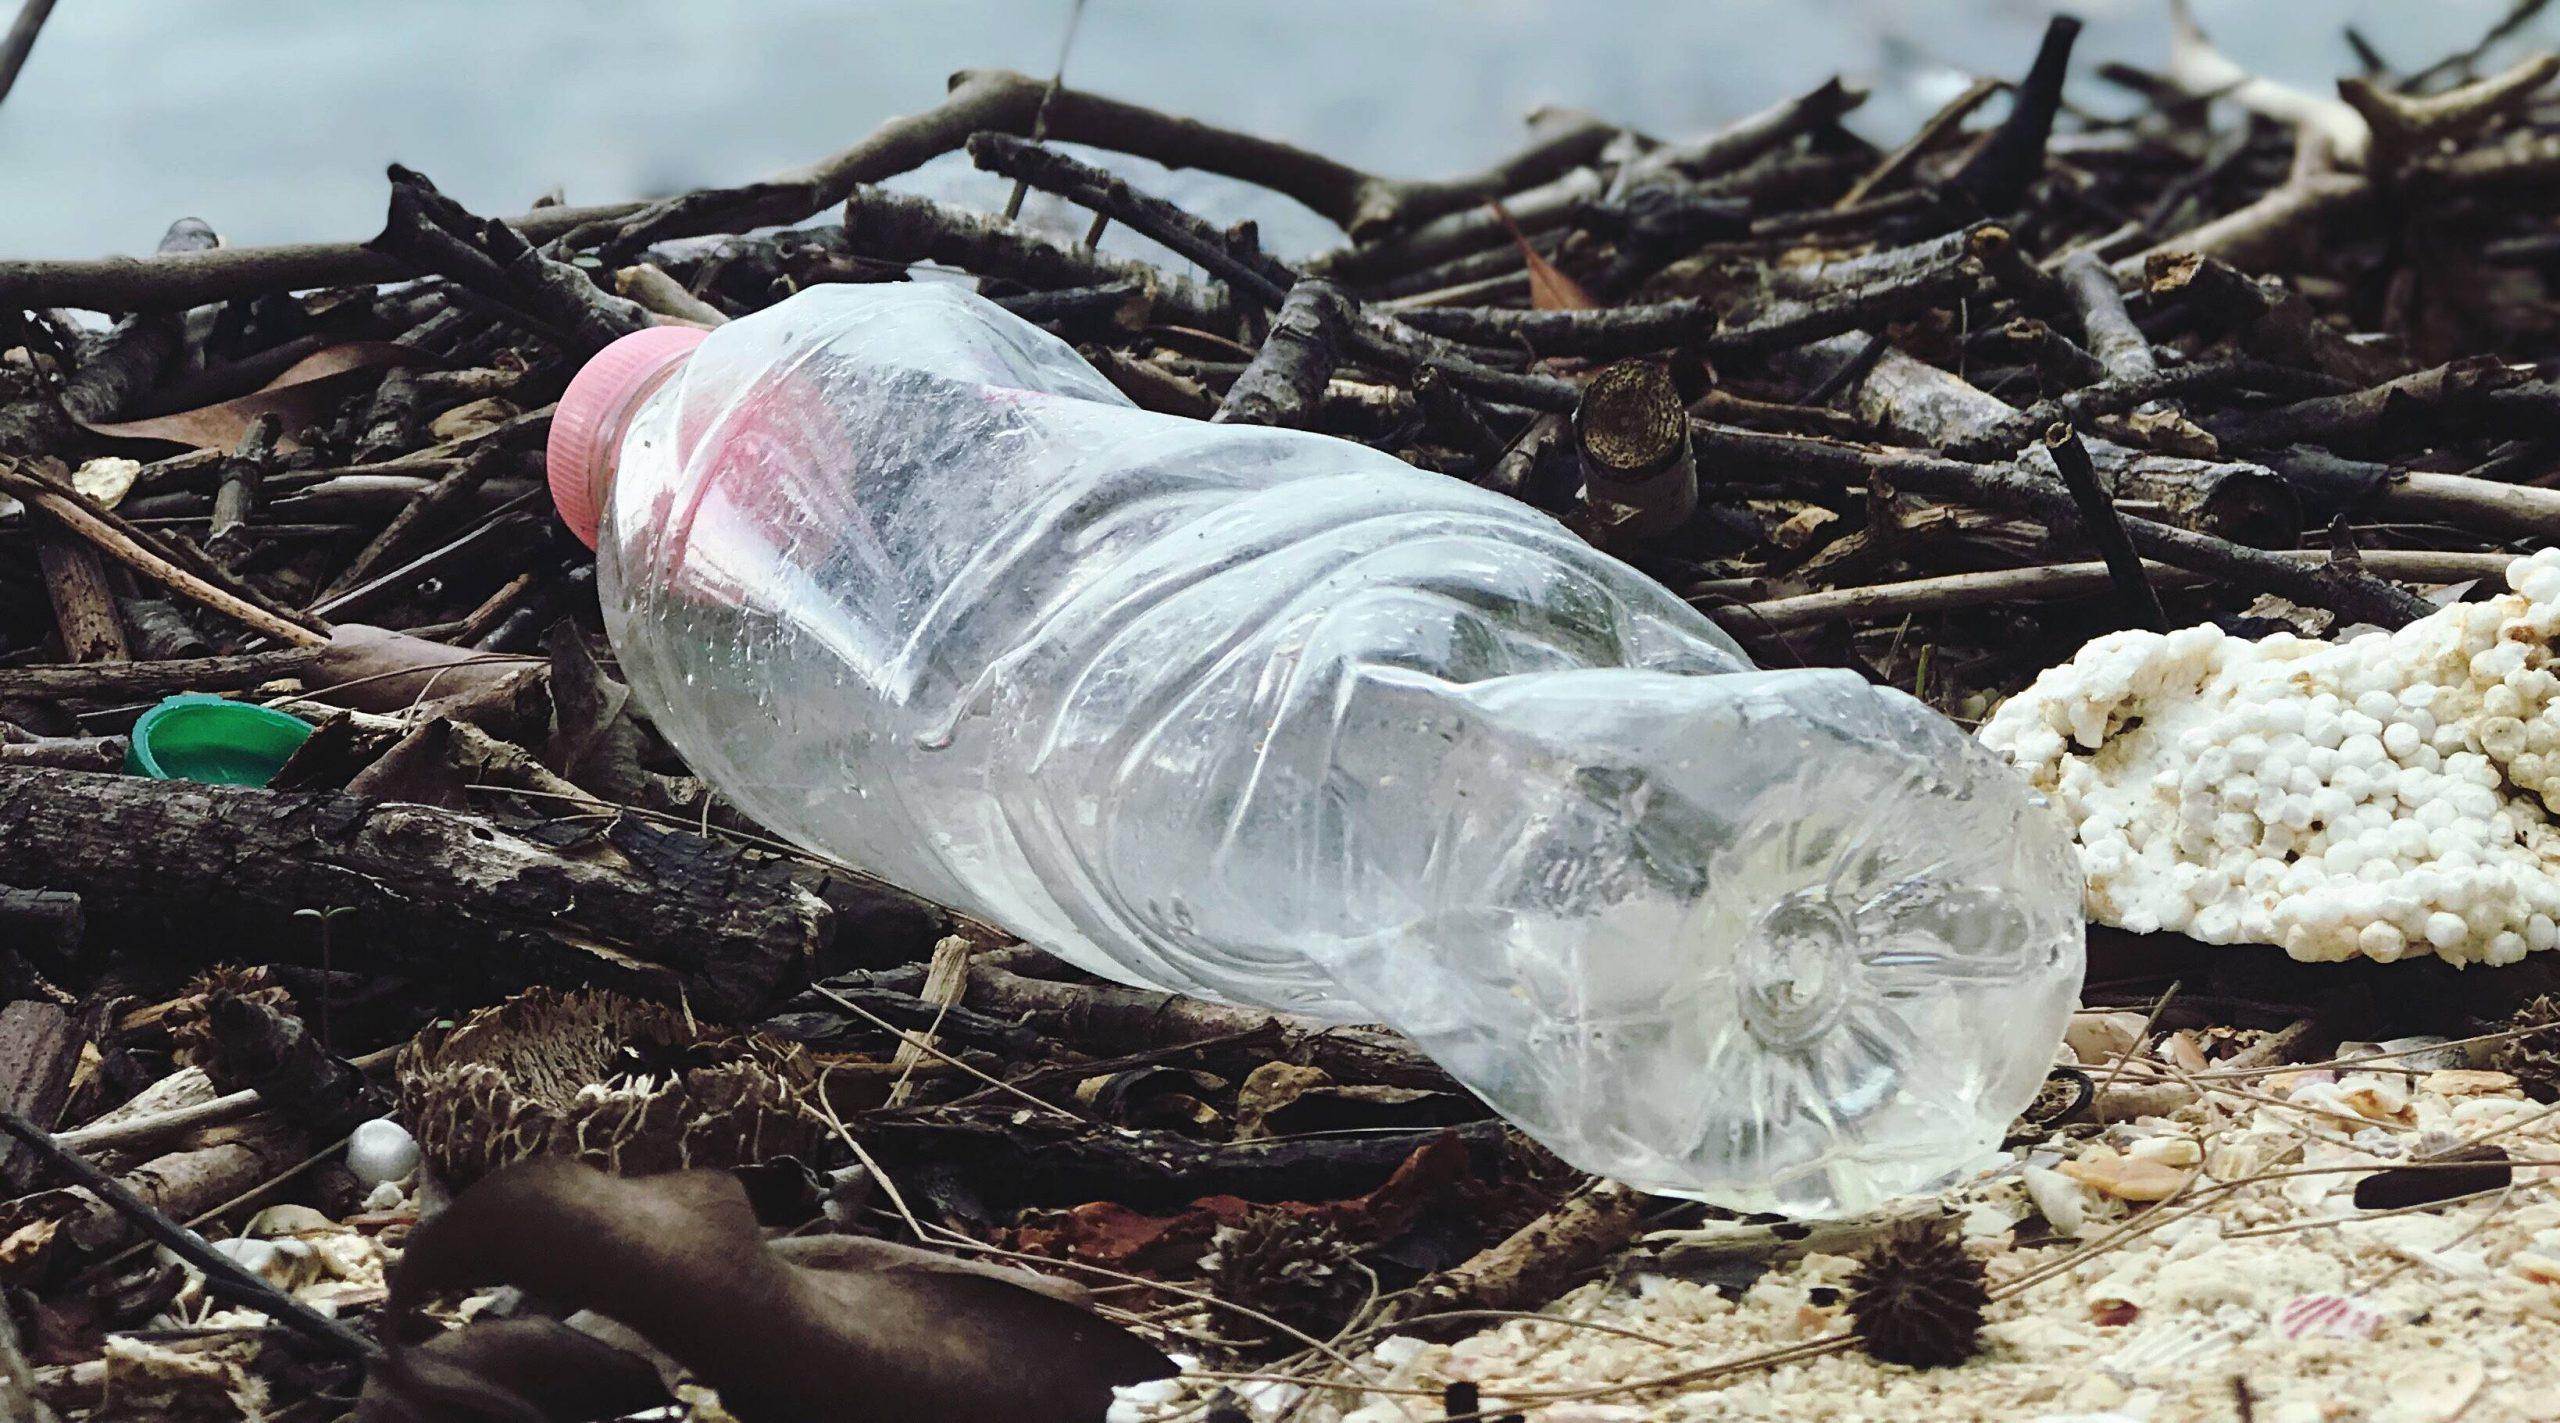 Vanaf juli volgend jaar 15 cent statiegeld op kleine plastic flesjes